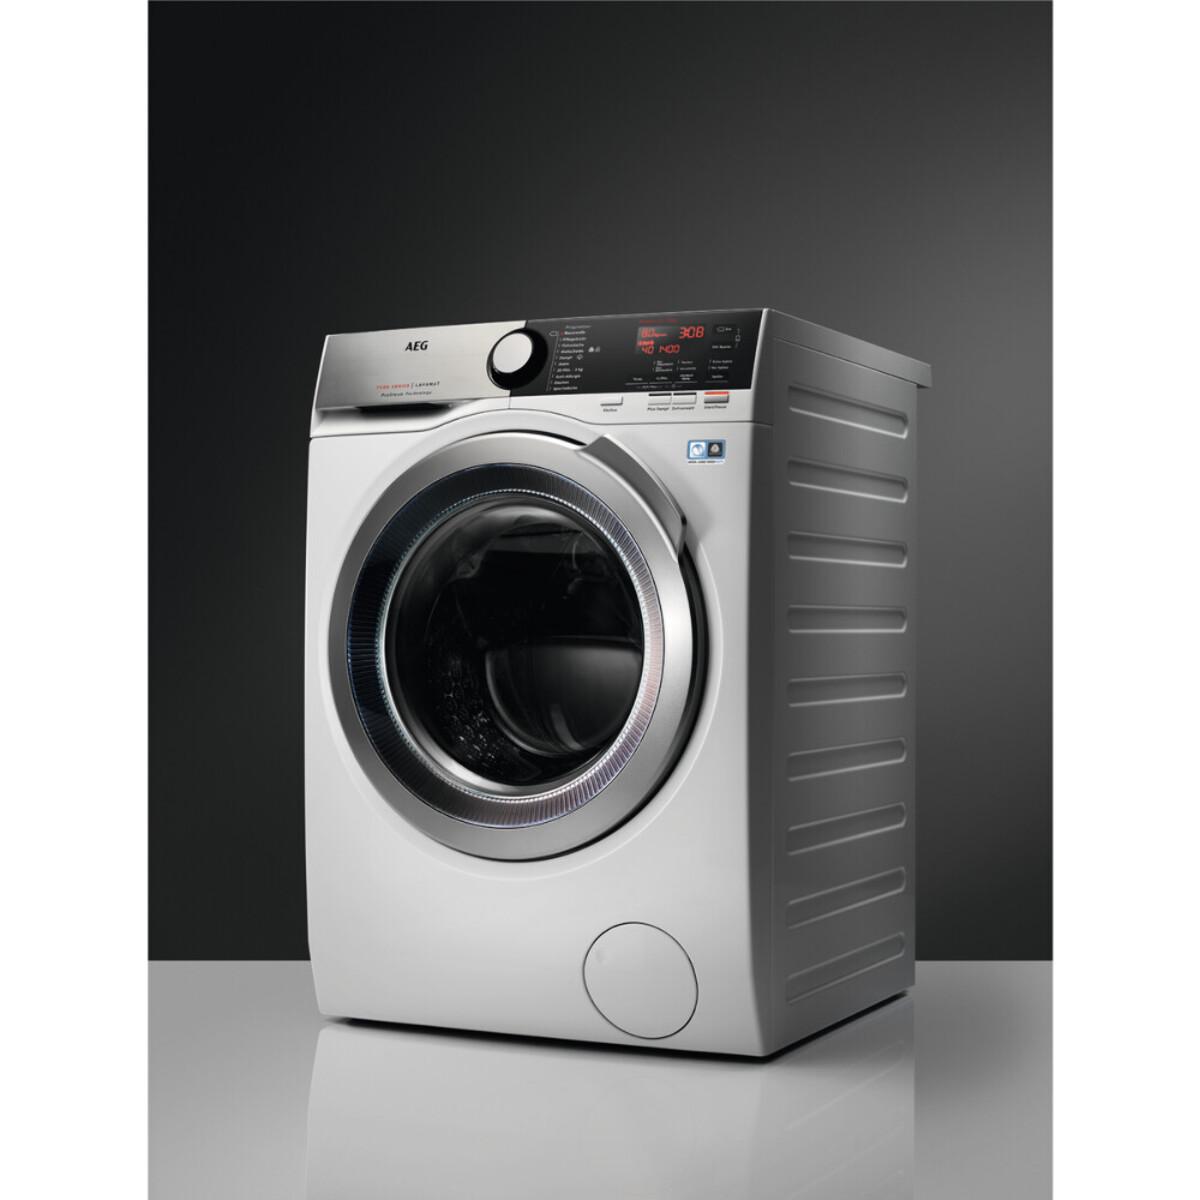 Bild 3 von AEG L7FL930EX Waschmaschine (Frontlader, freistehend, 9 kg, A, 1.351 U/Min, ÖKO LAVAMAT, Serie 7000)